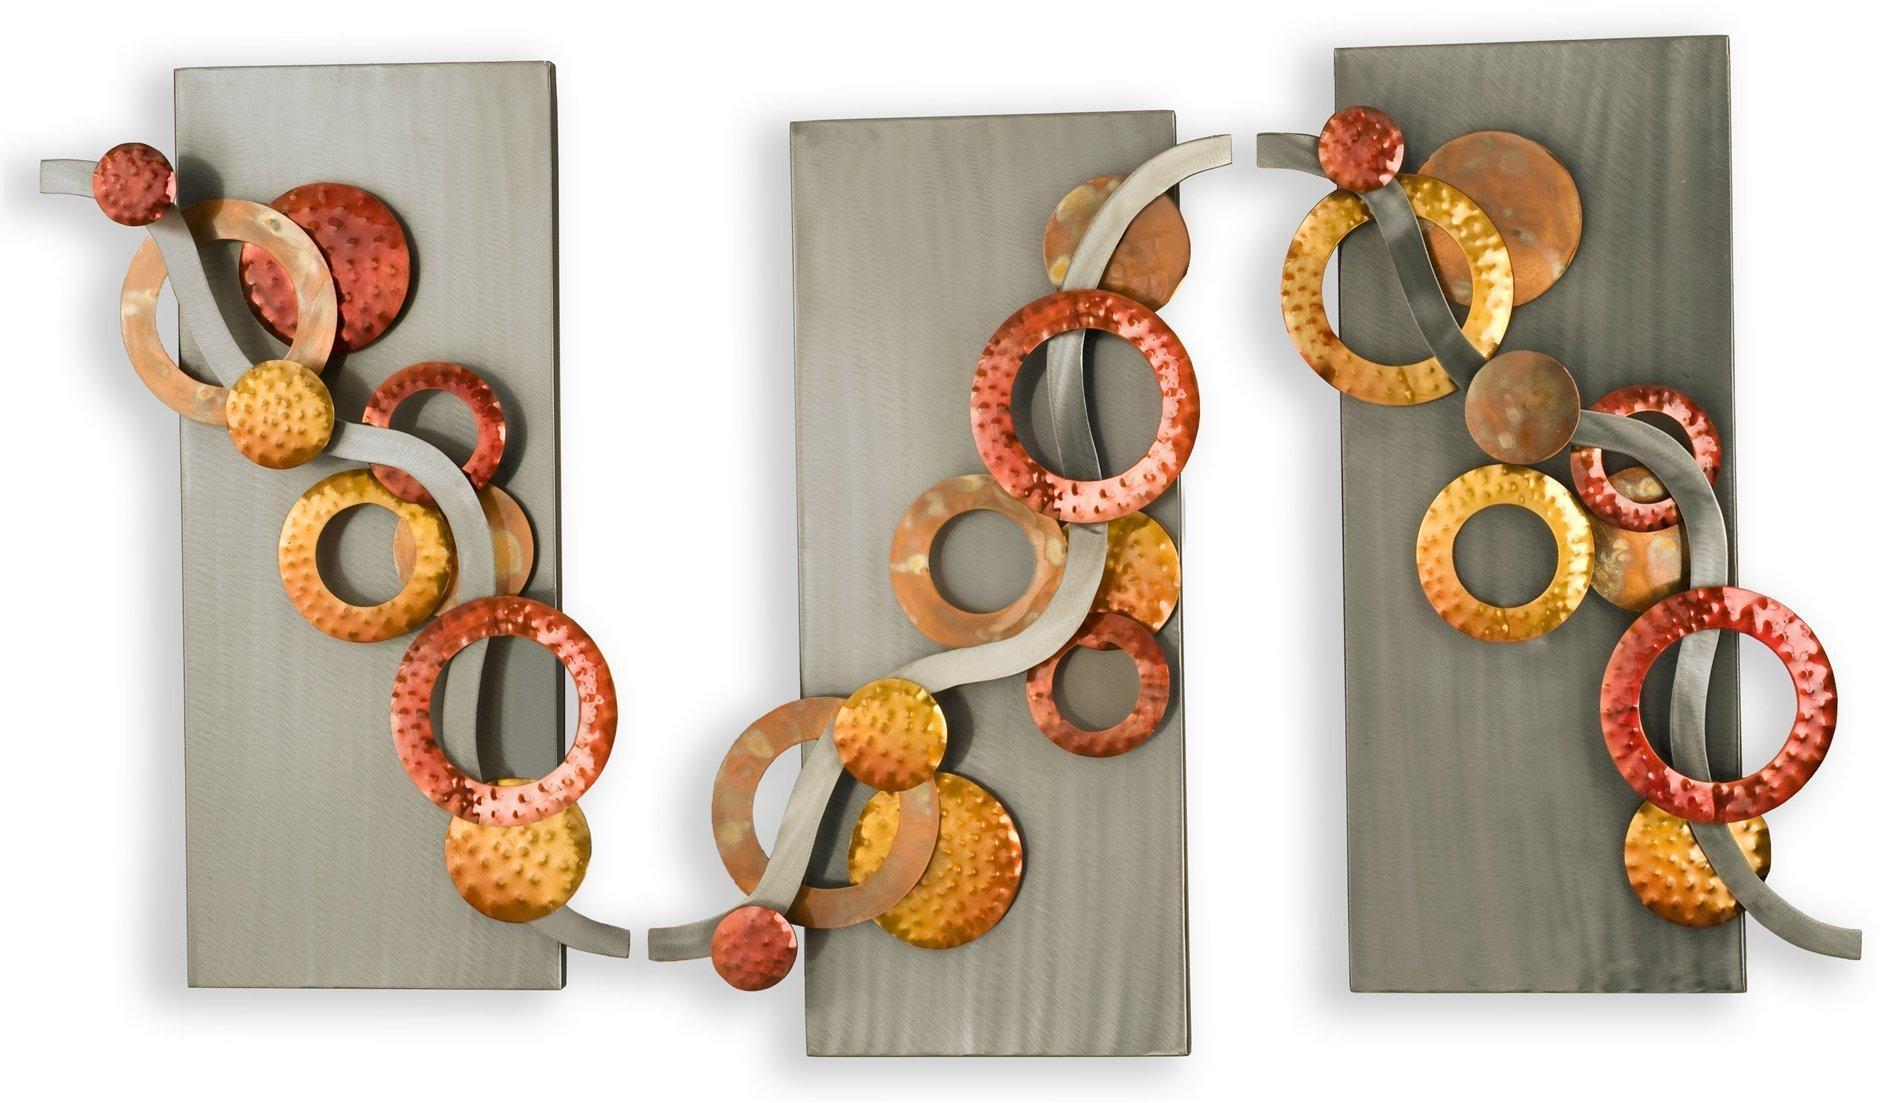 Nova Lighting 12683 Spumante Contemporary Wall Art / Wall Decor Inside Nova Wall Art (View 13 of 20)